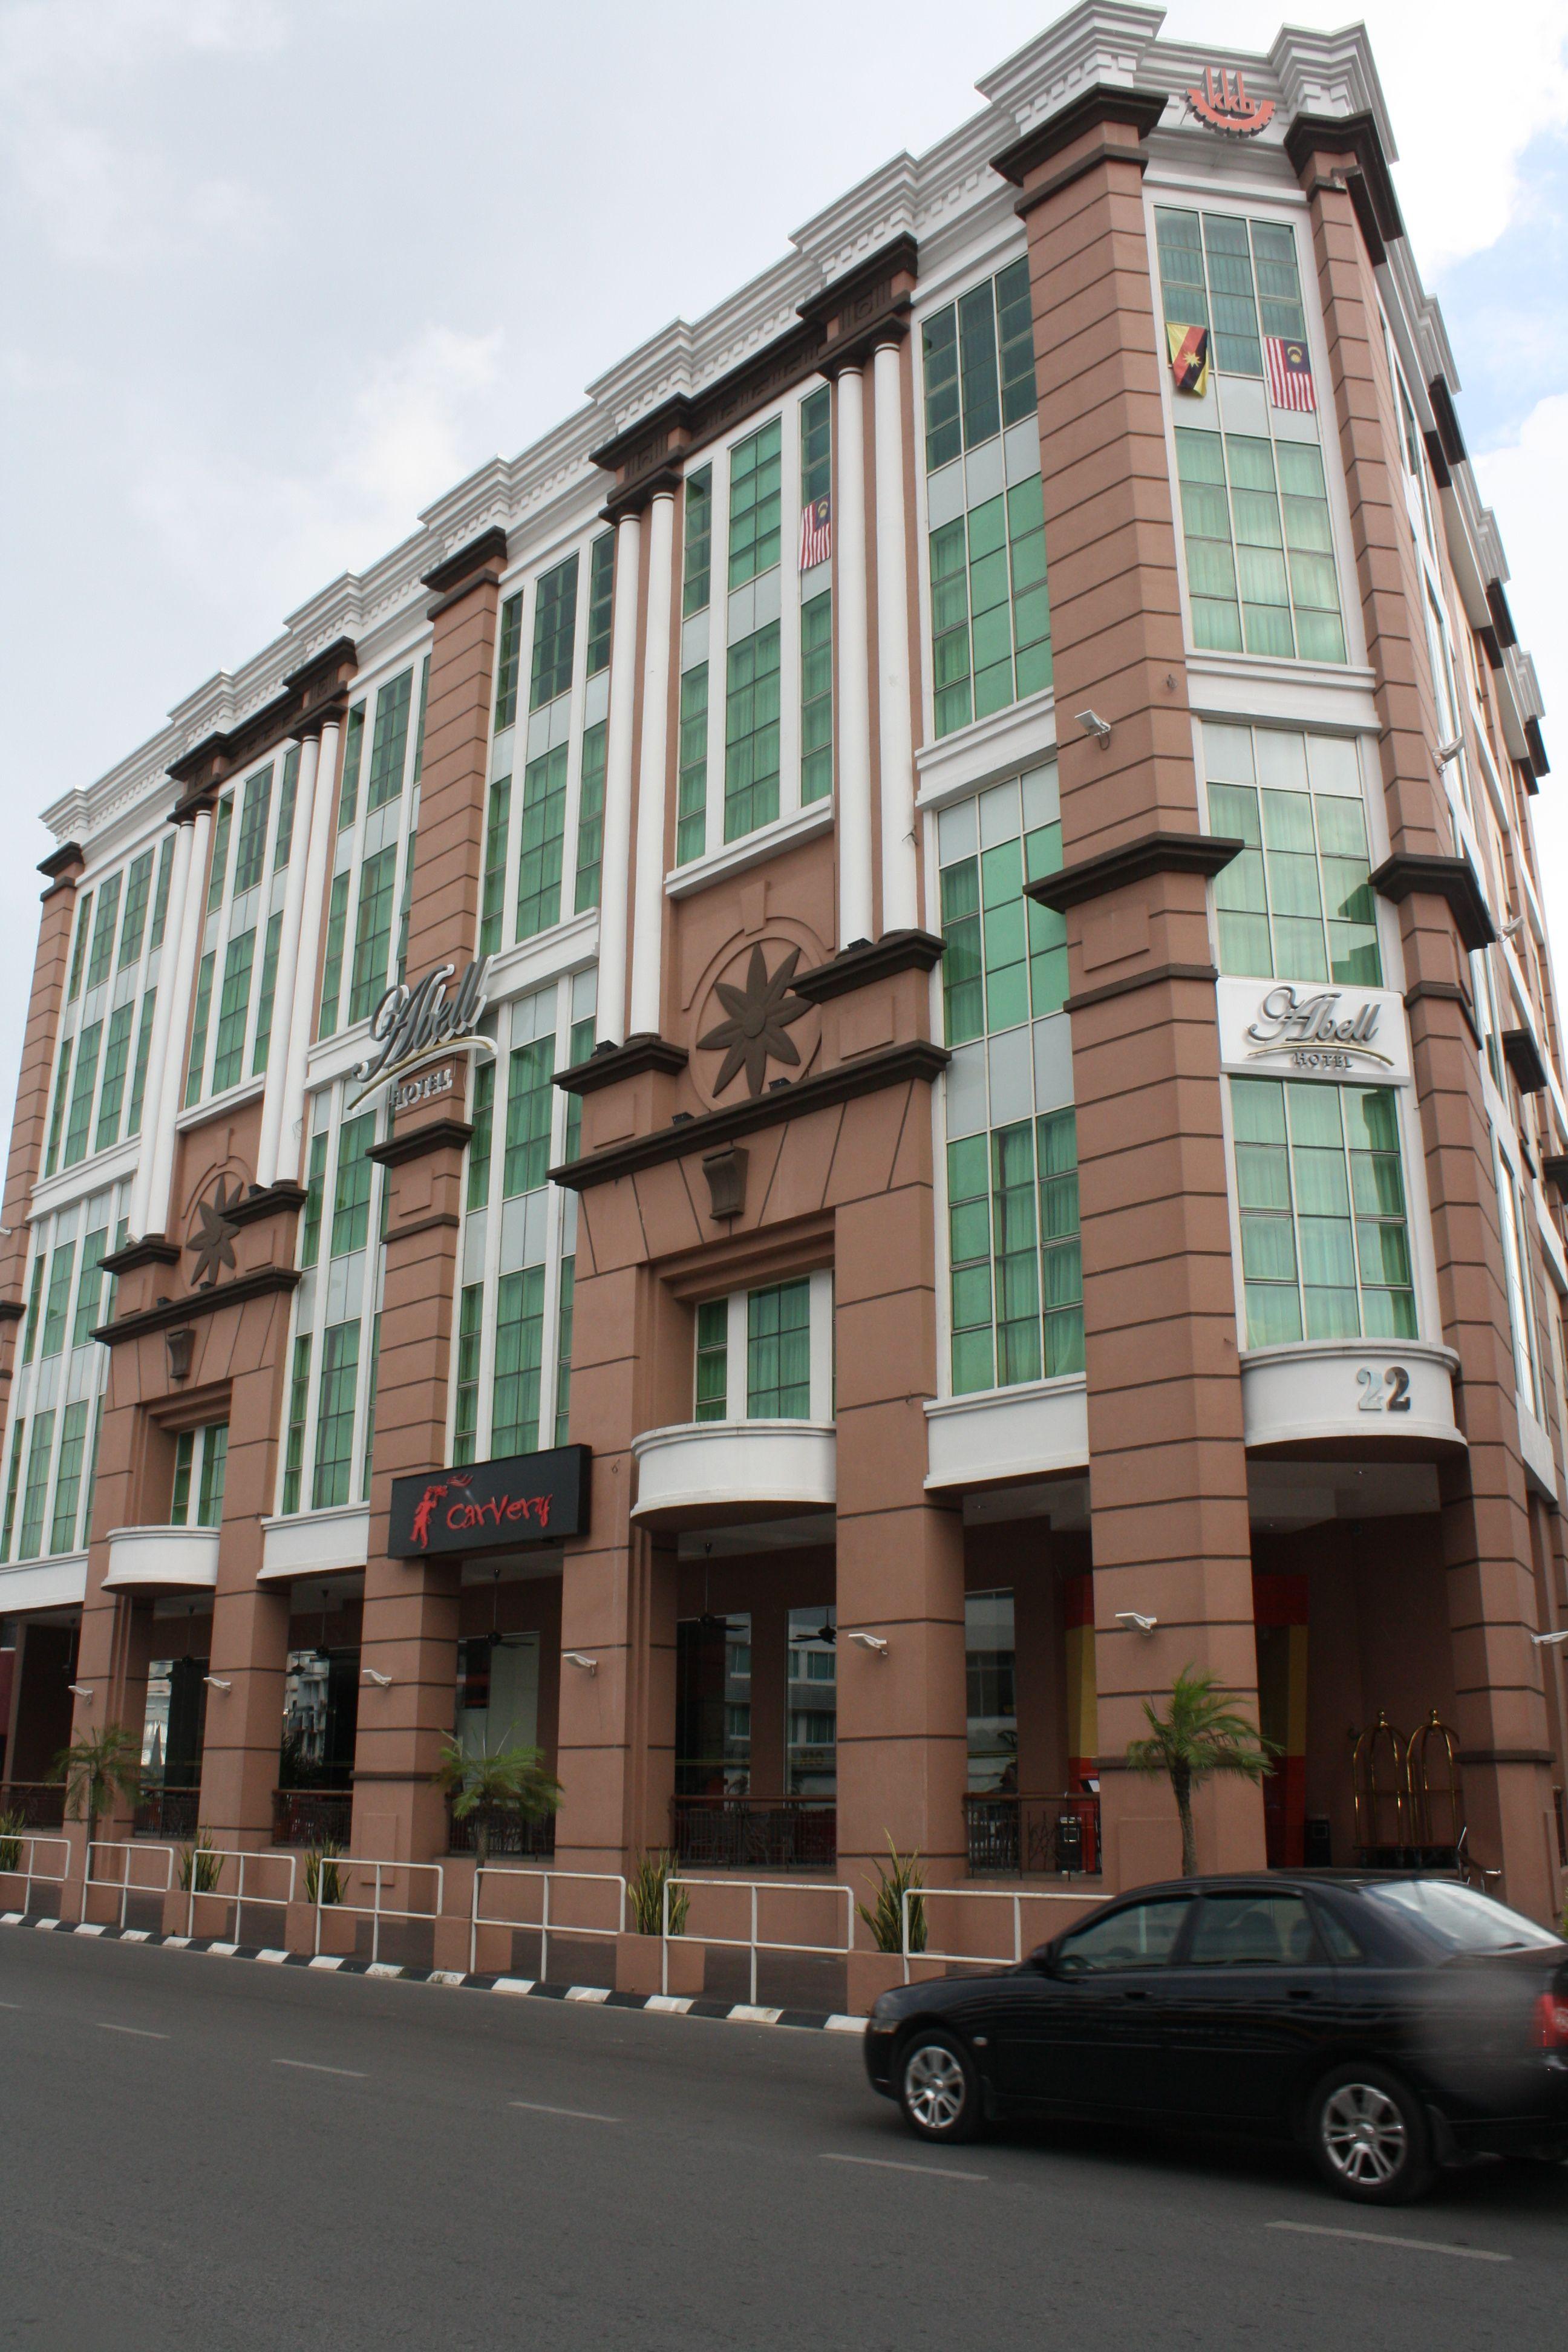 Abell Hotel, Located At Jalan Abell Kuching, Sarawak